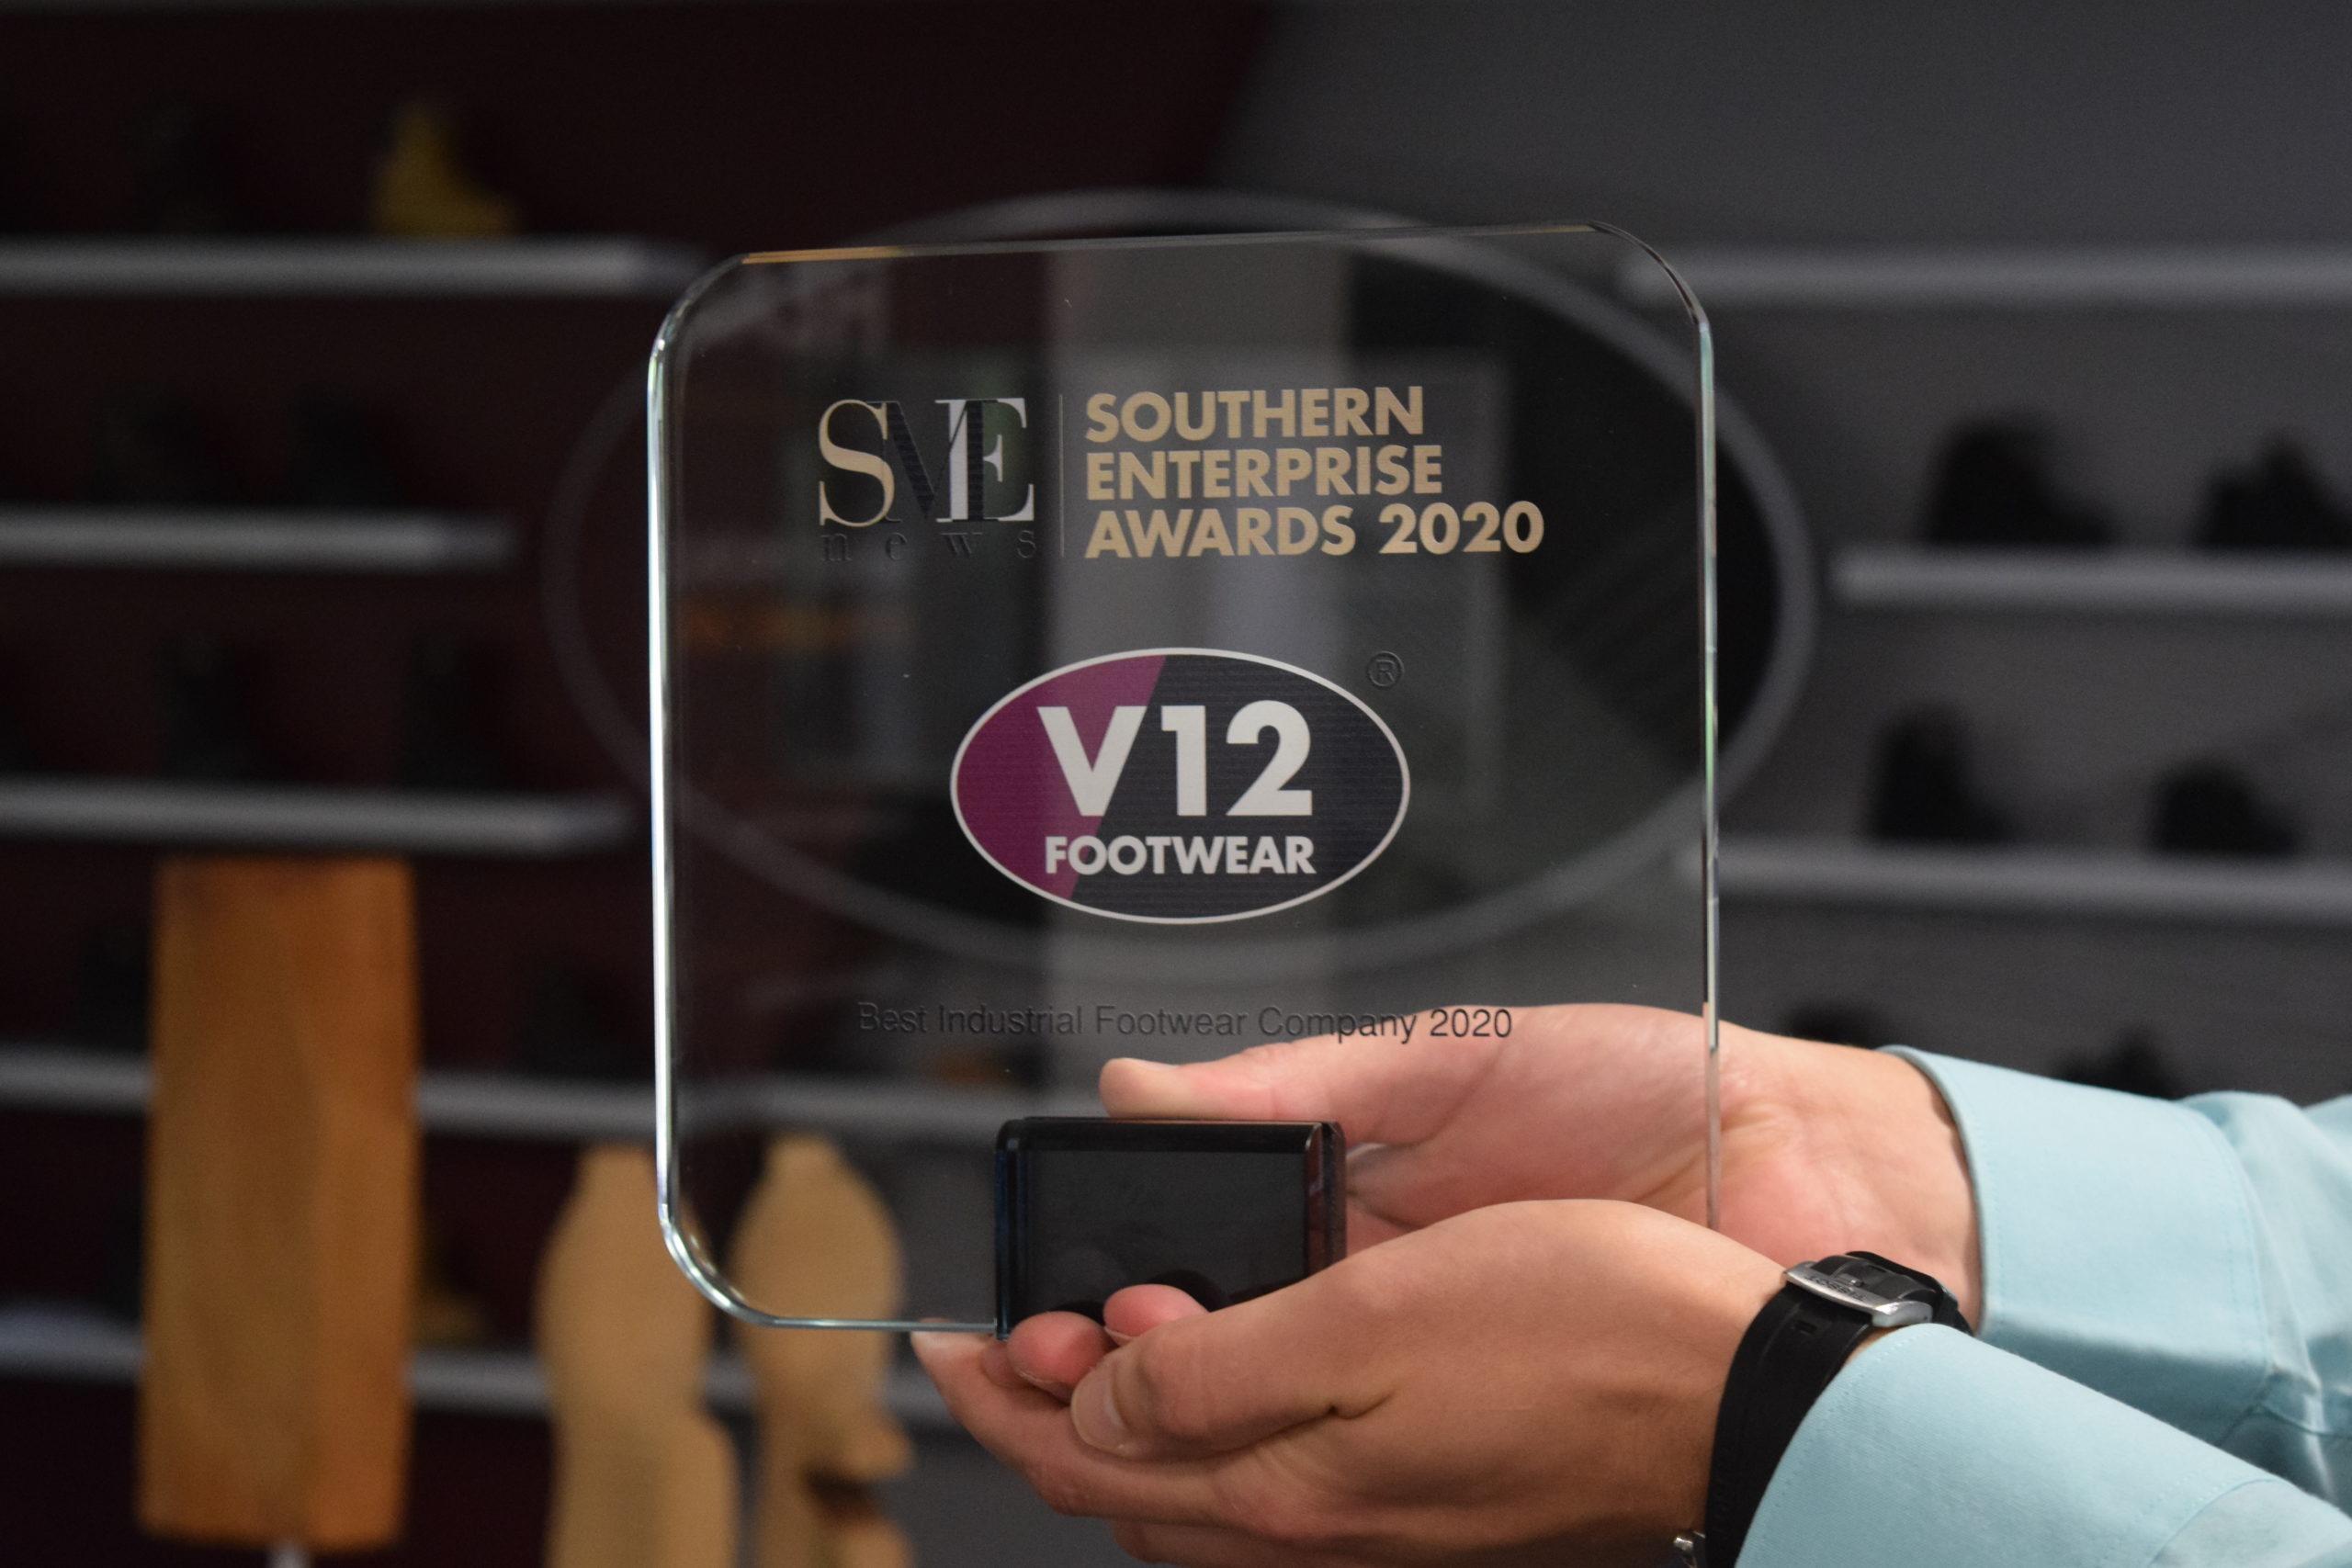 V12 Footwear awarded Best Industrial Footwear Company